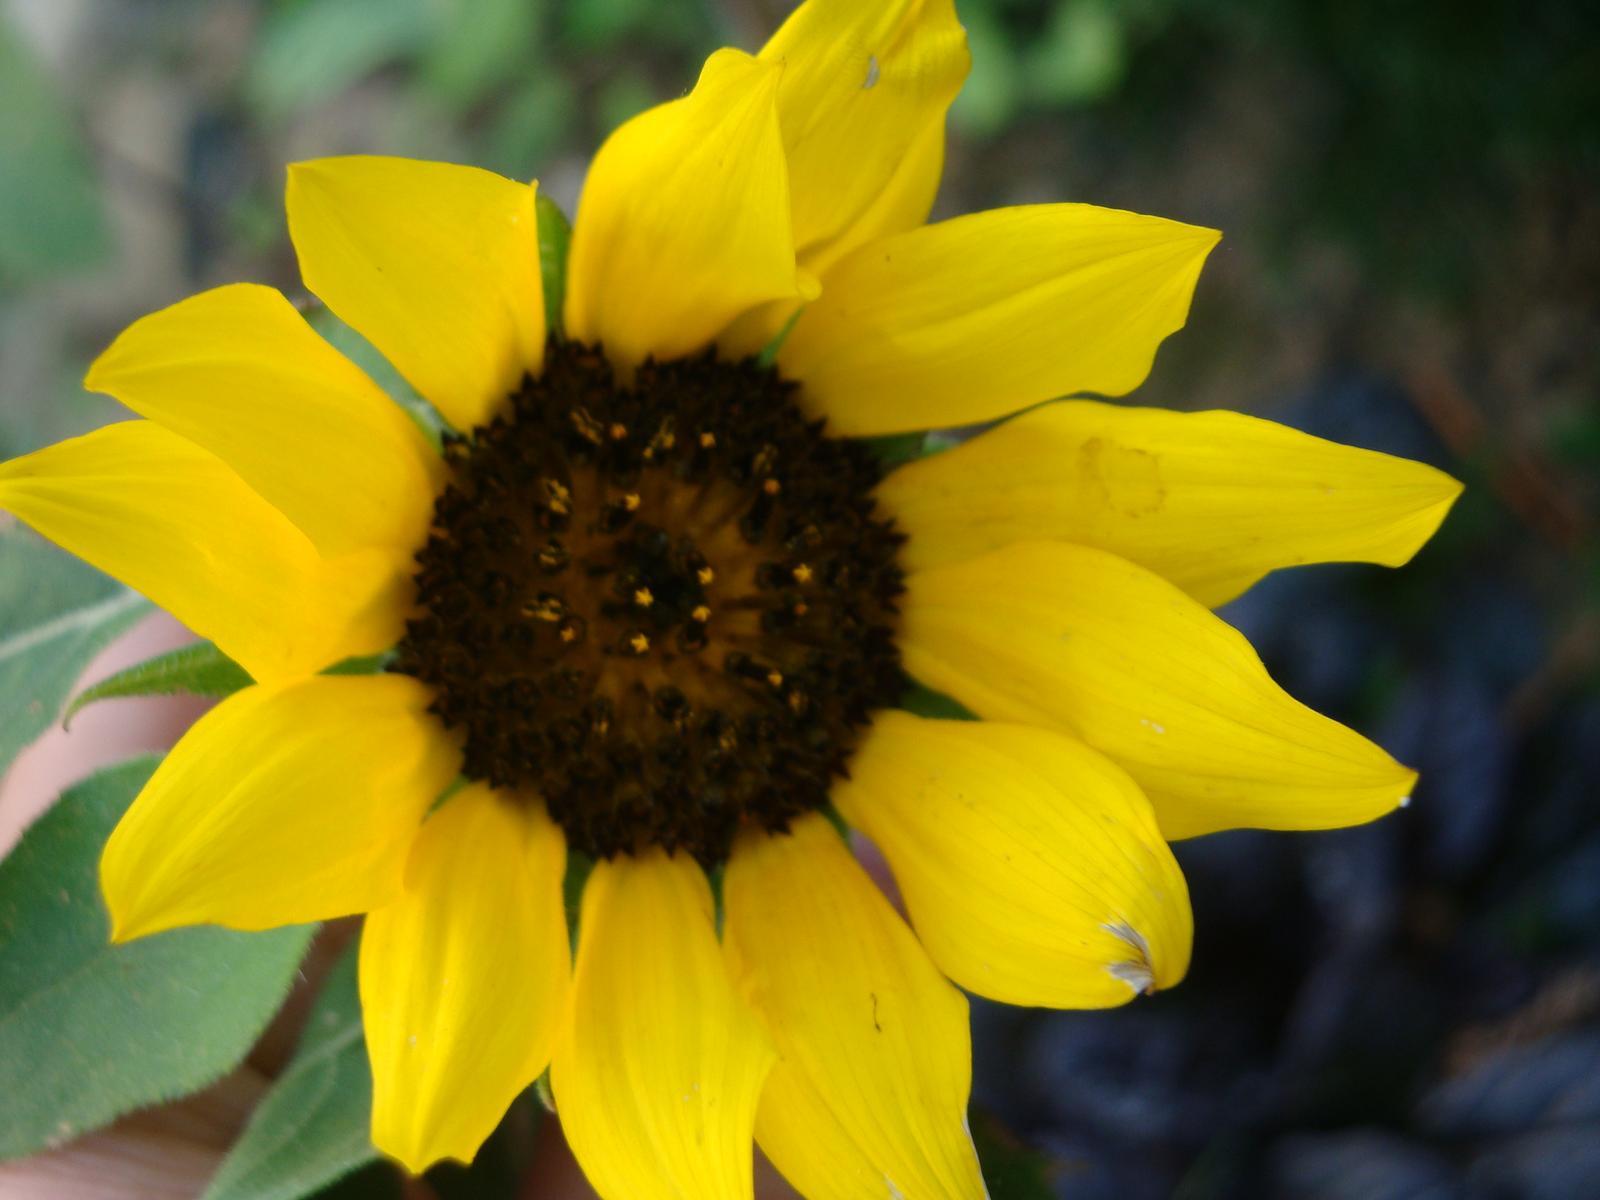 Slnečnica semienka - Obrázok č. 1